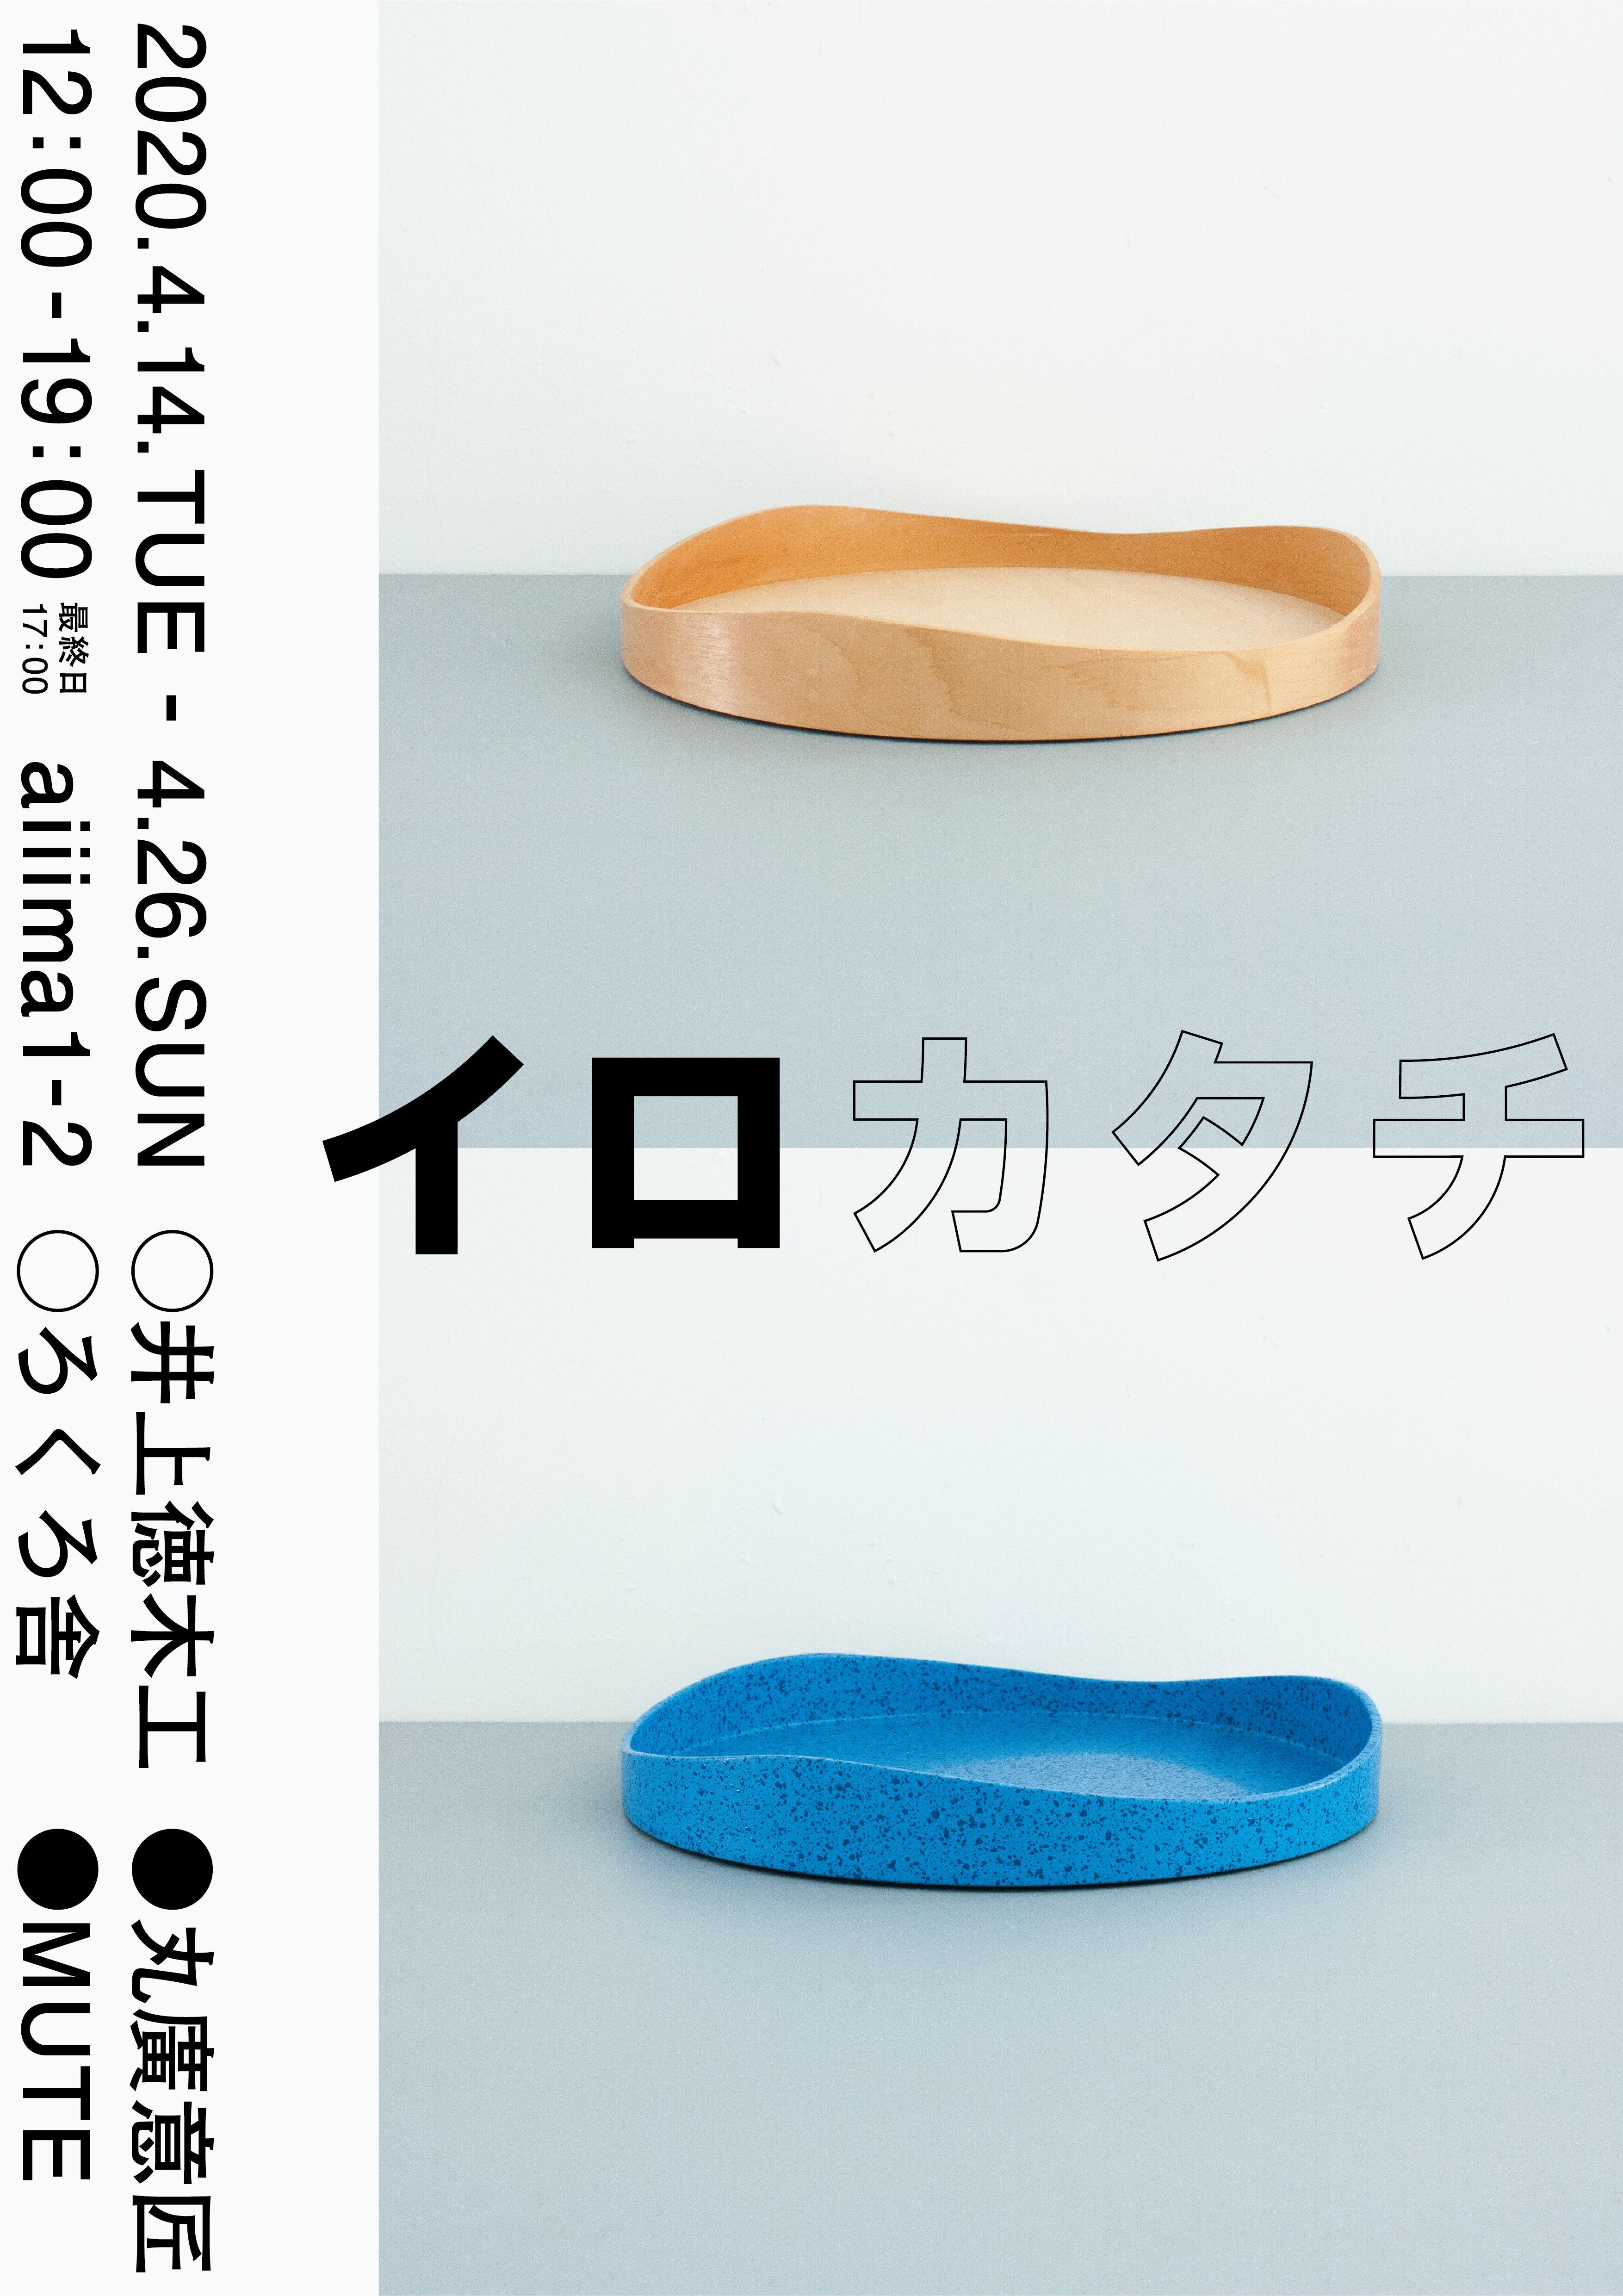 イロカタチ_メインビジュアル_提出_A3.jpg